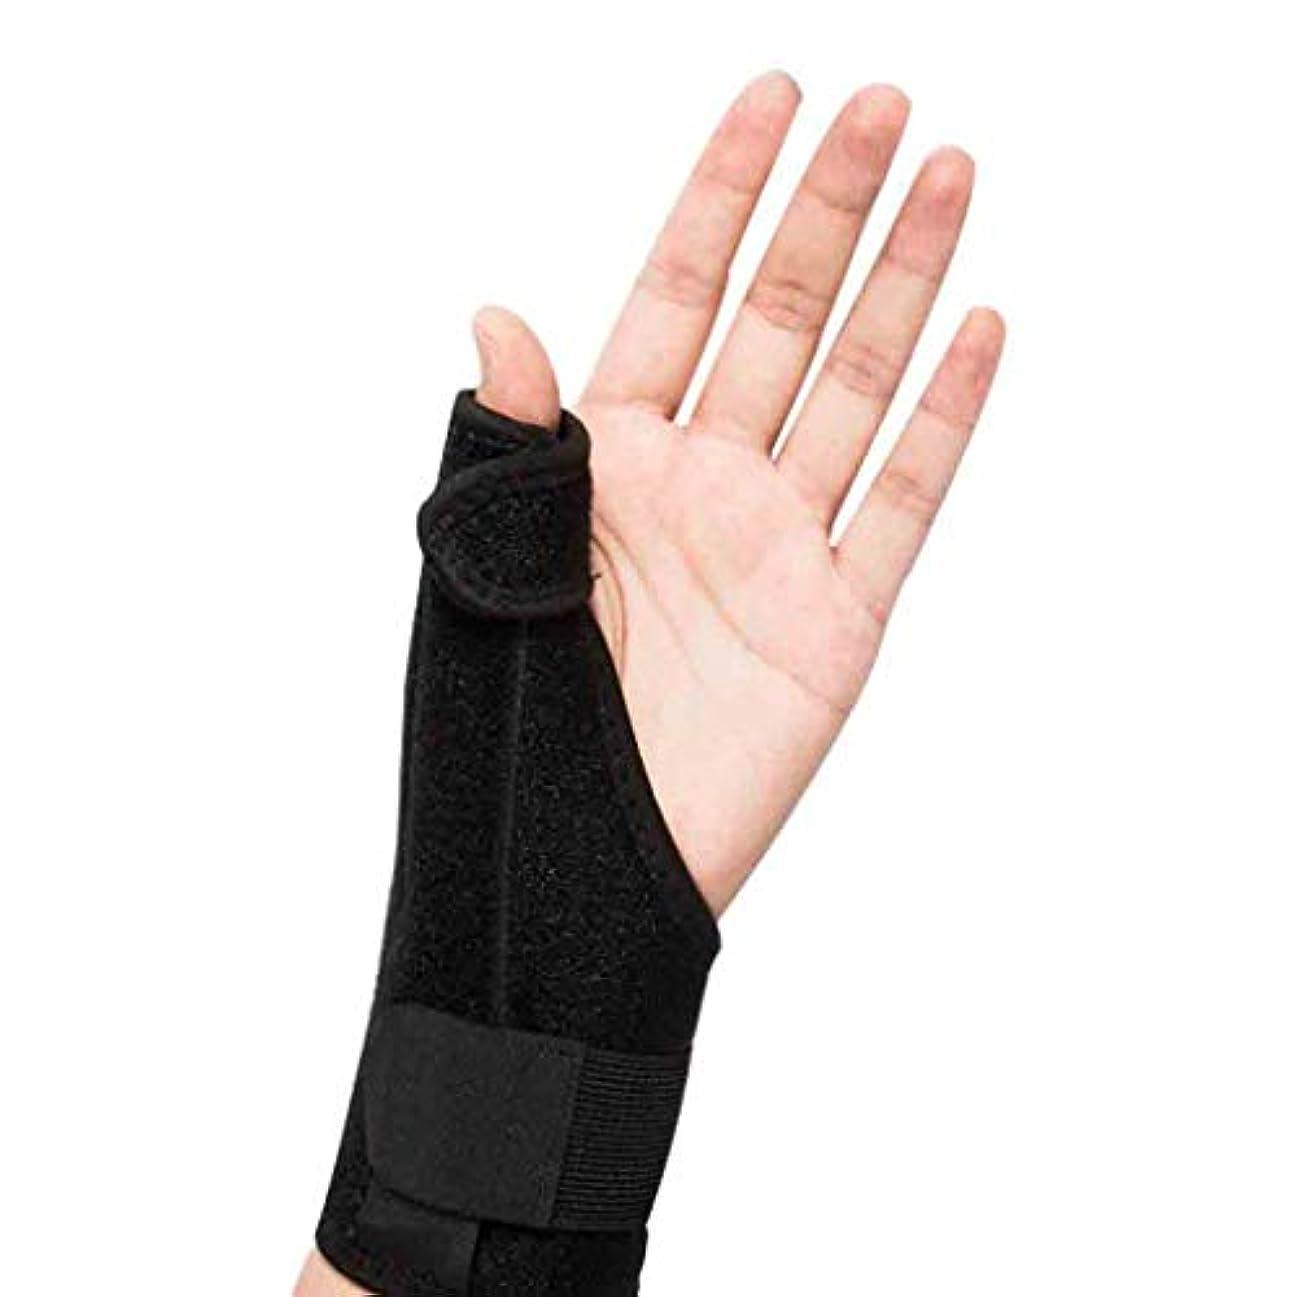 見て累計メロディアスThumbスプリントトリガーThumb腱鞘炎Wristband関節炎トリートメントThumb捻挫の関節を固定&安定化するブレース Roscloud@